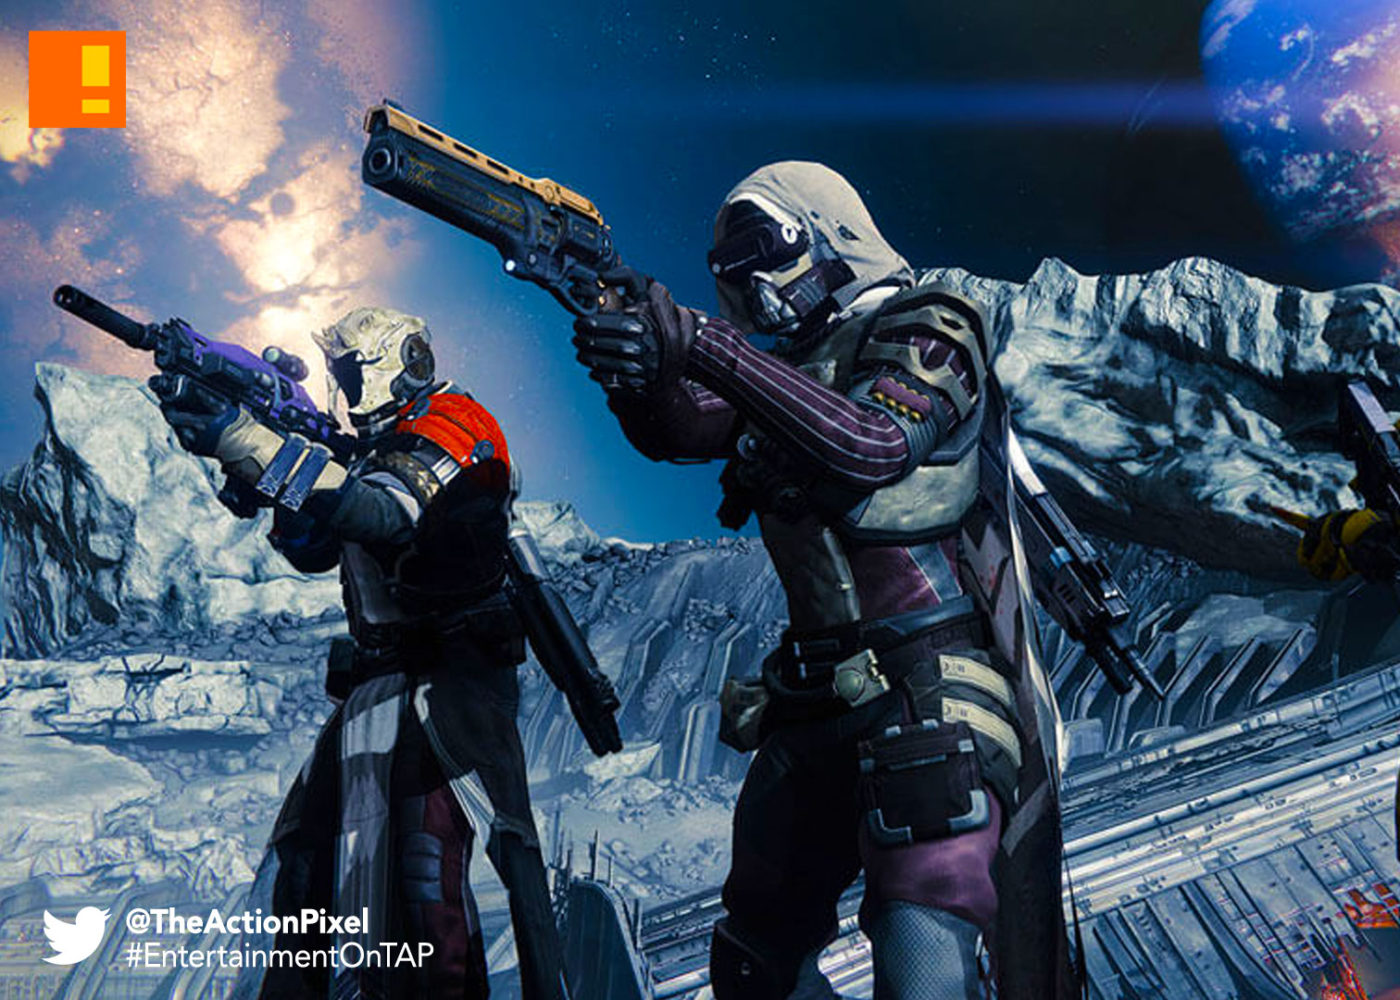 destiny, destiny 2, fps, bungie, the action pixel, entertainment on tap